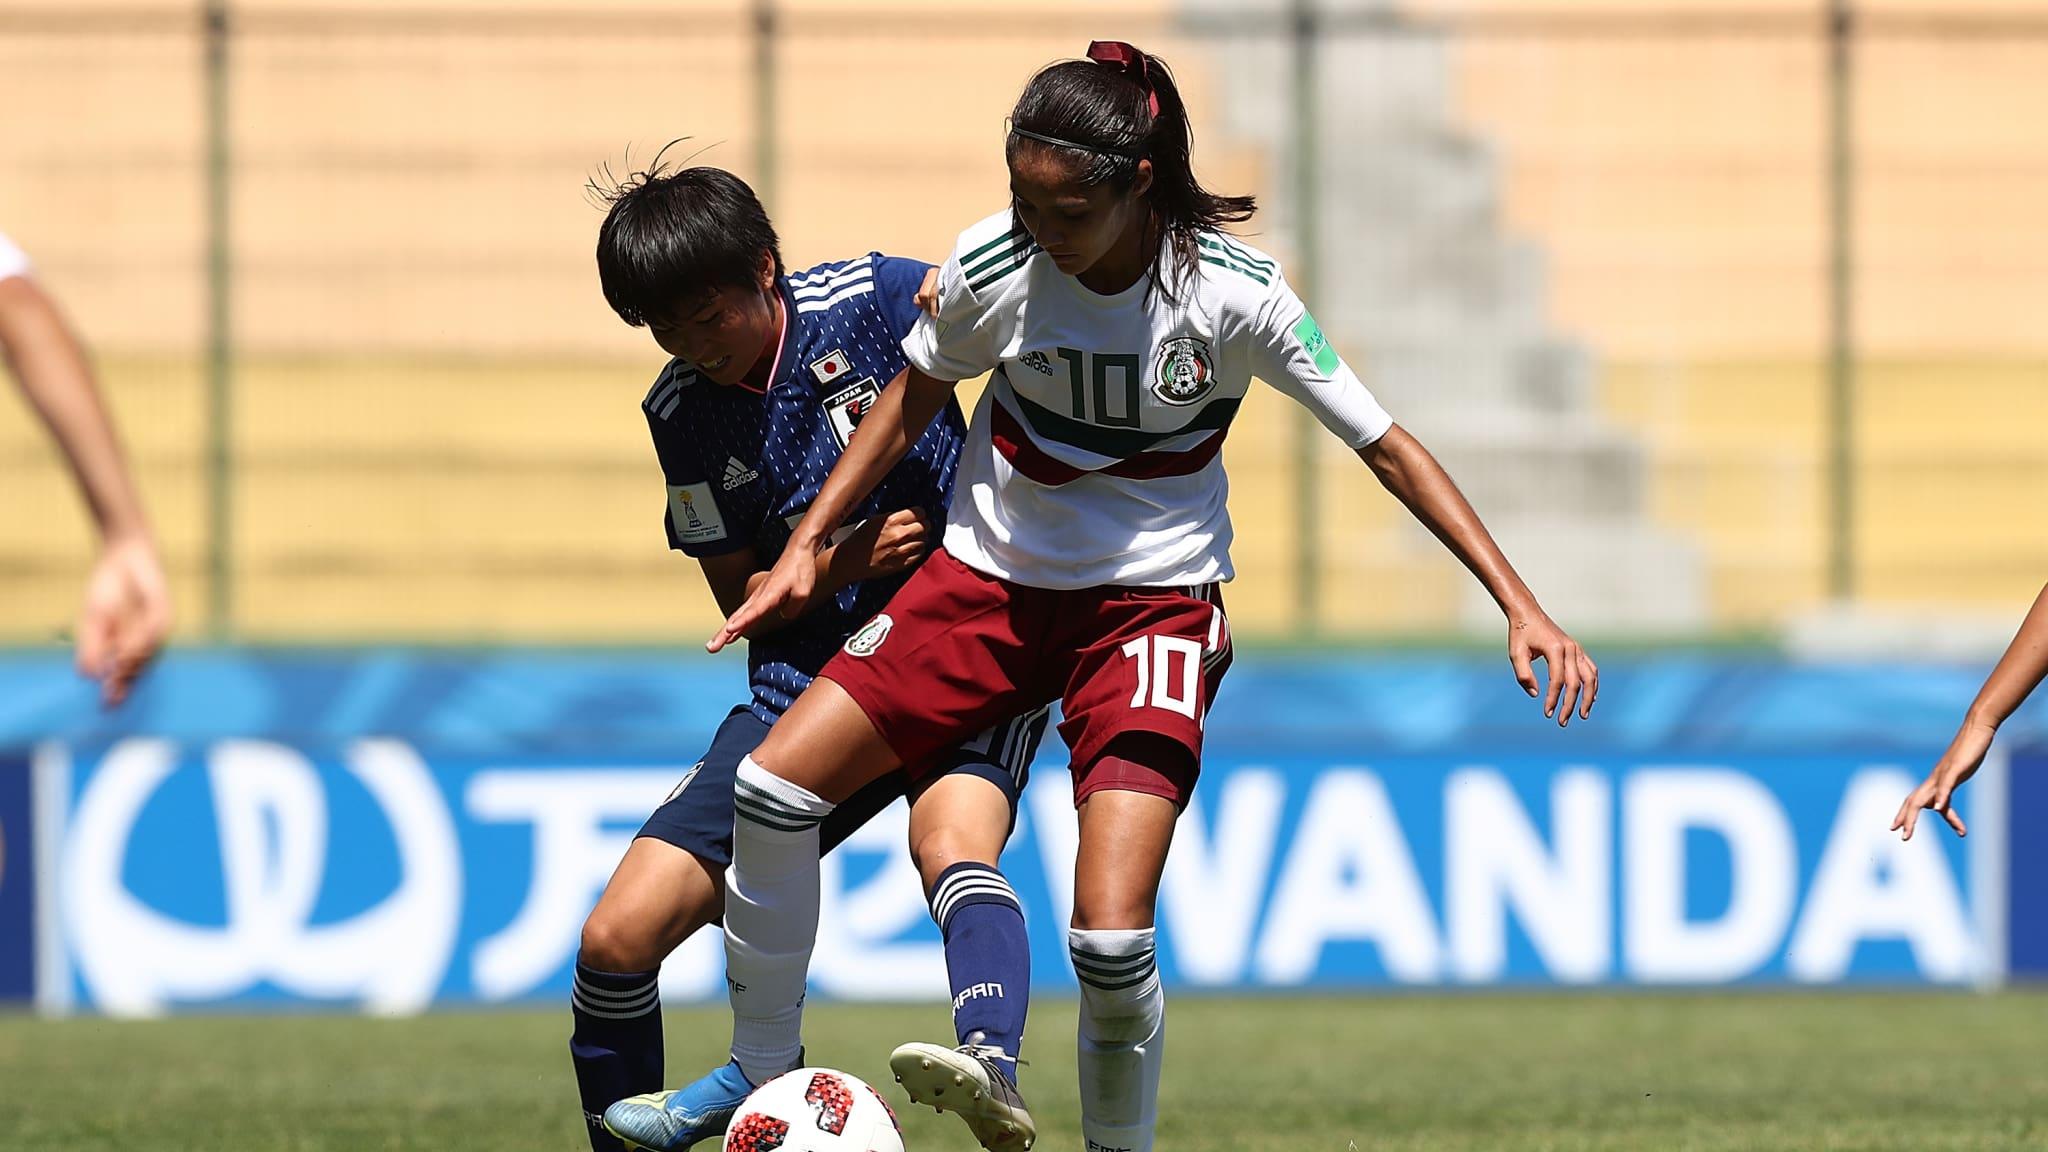 Un nul qui arrange les deux équipes japonaise et mexicaine (photo FIFA.com)